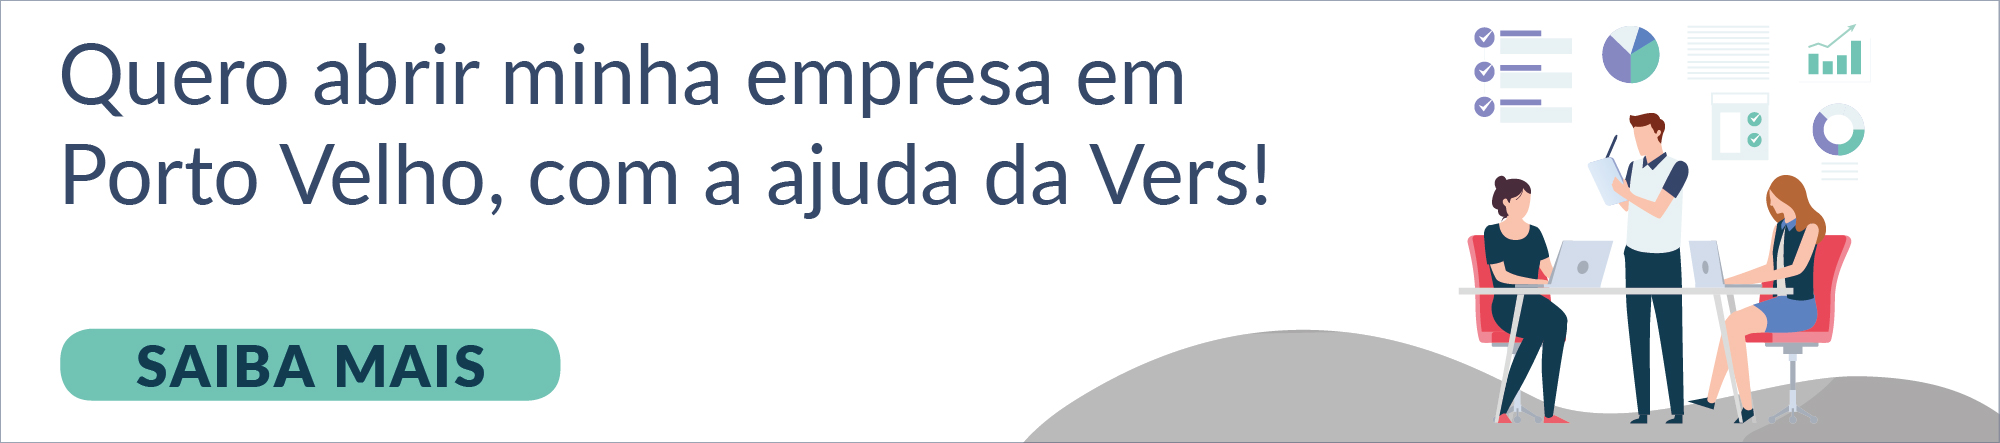 abrir empresa em Porto Velho